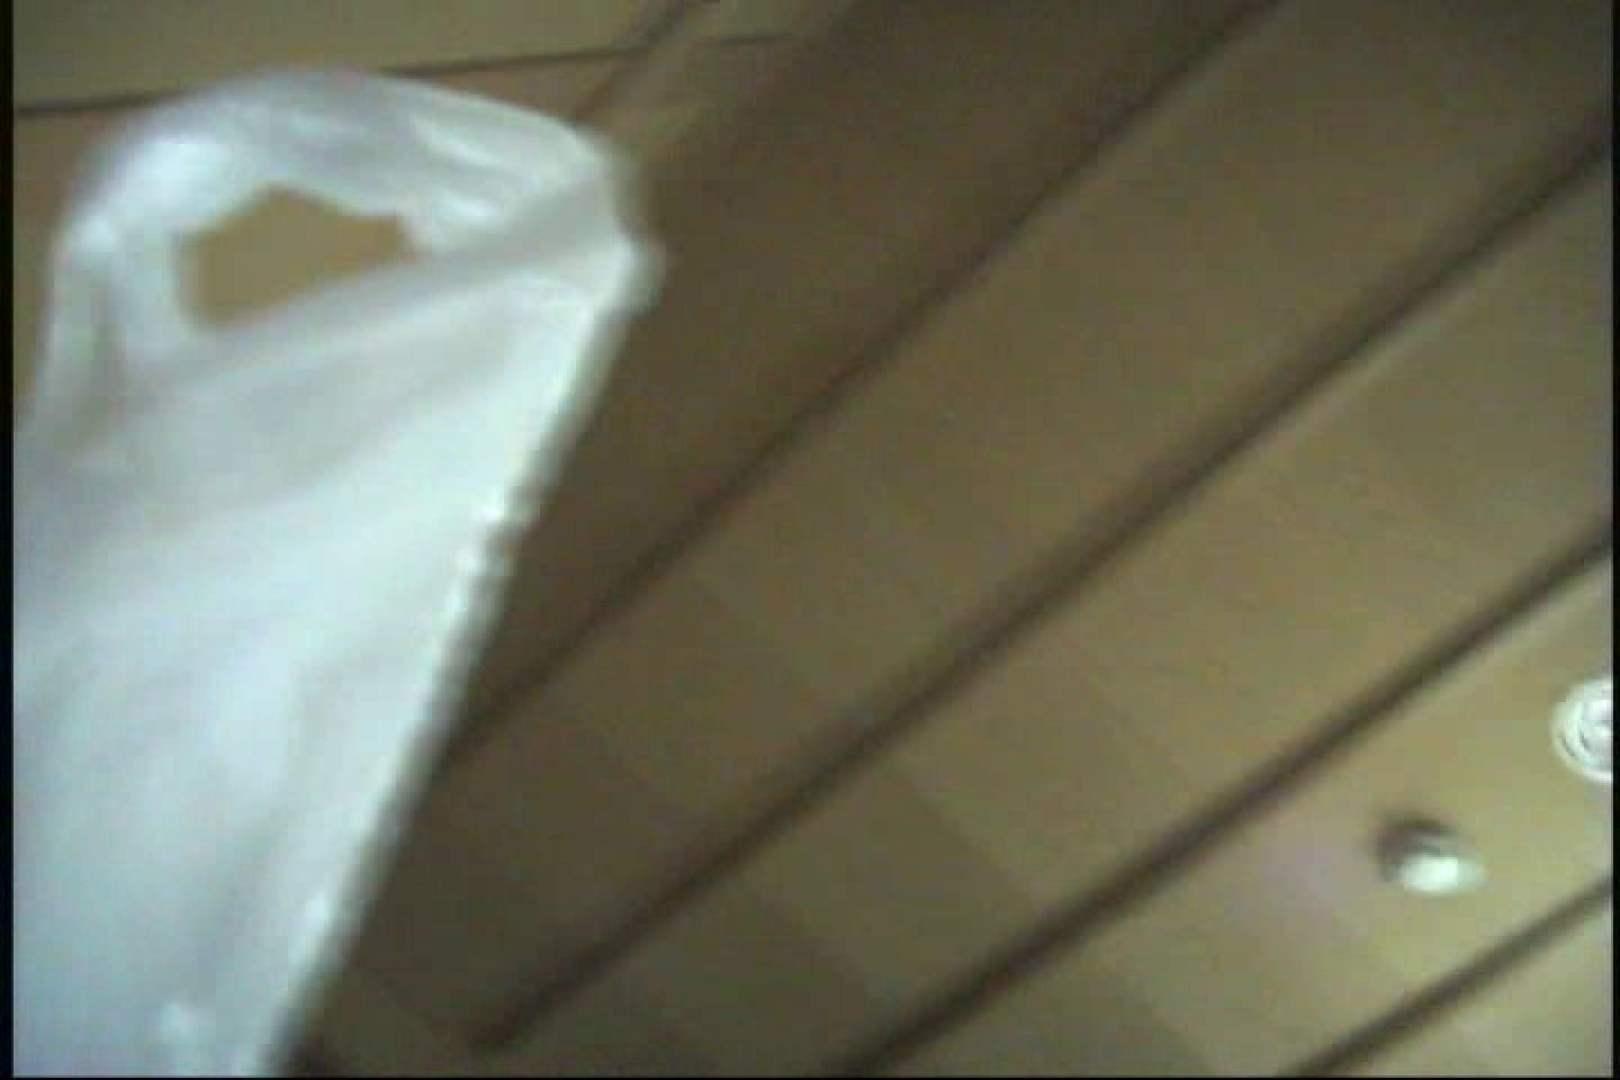 いっくんの調教シリーズ「未亡人みずほ27歳市役所職員」Vol.7 エロティックなOL 女性器鑑賞 70画像 35